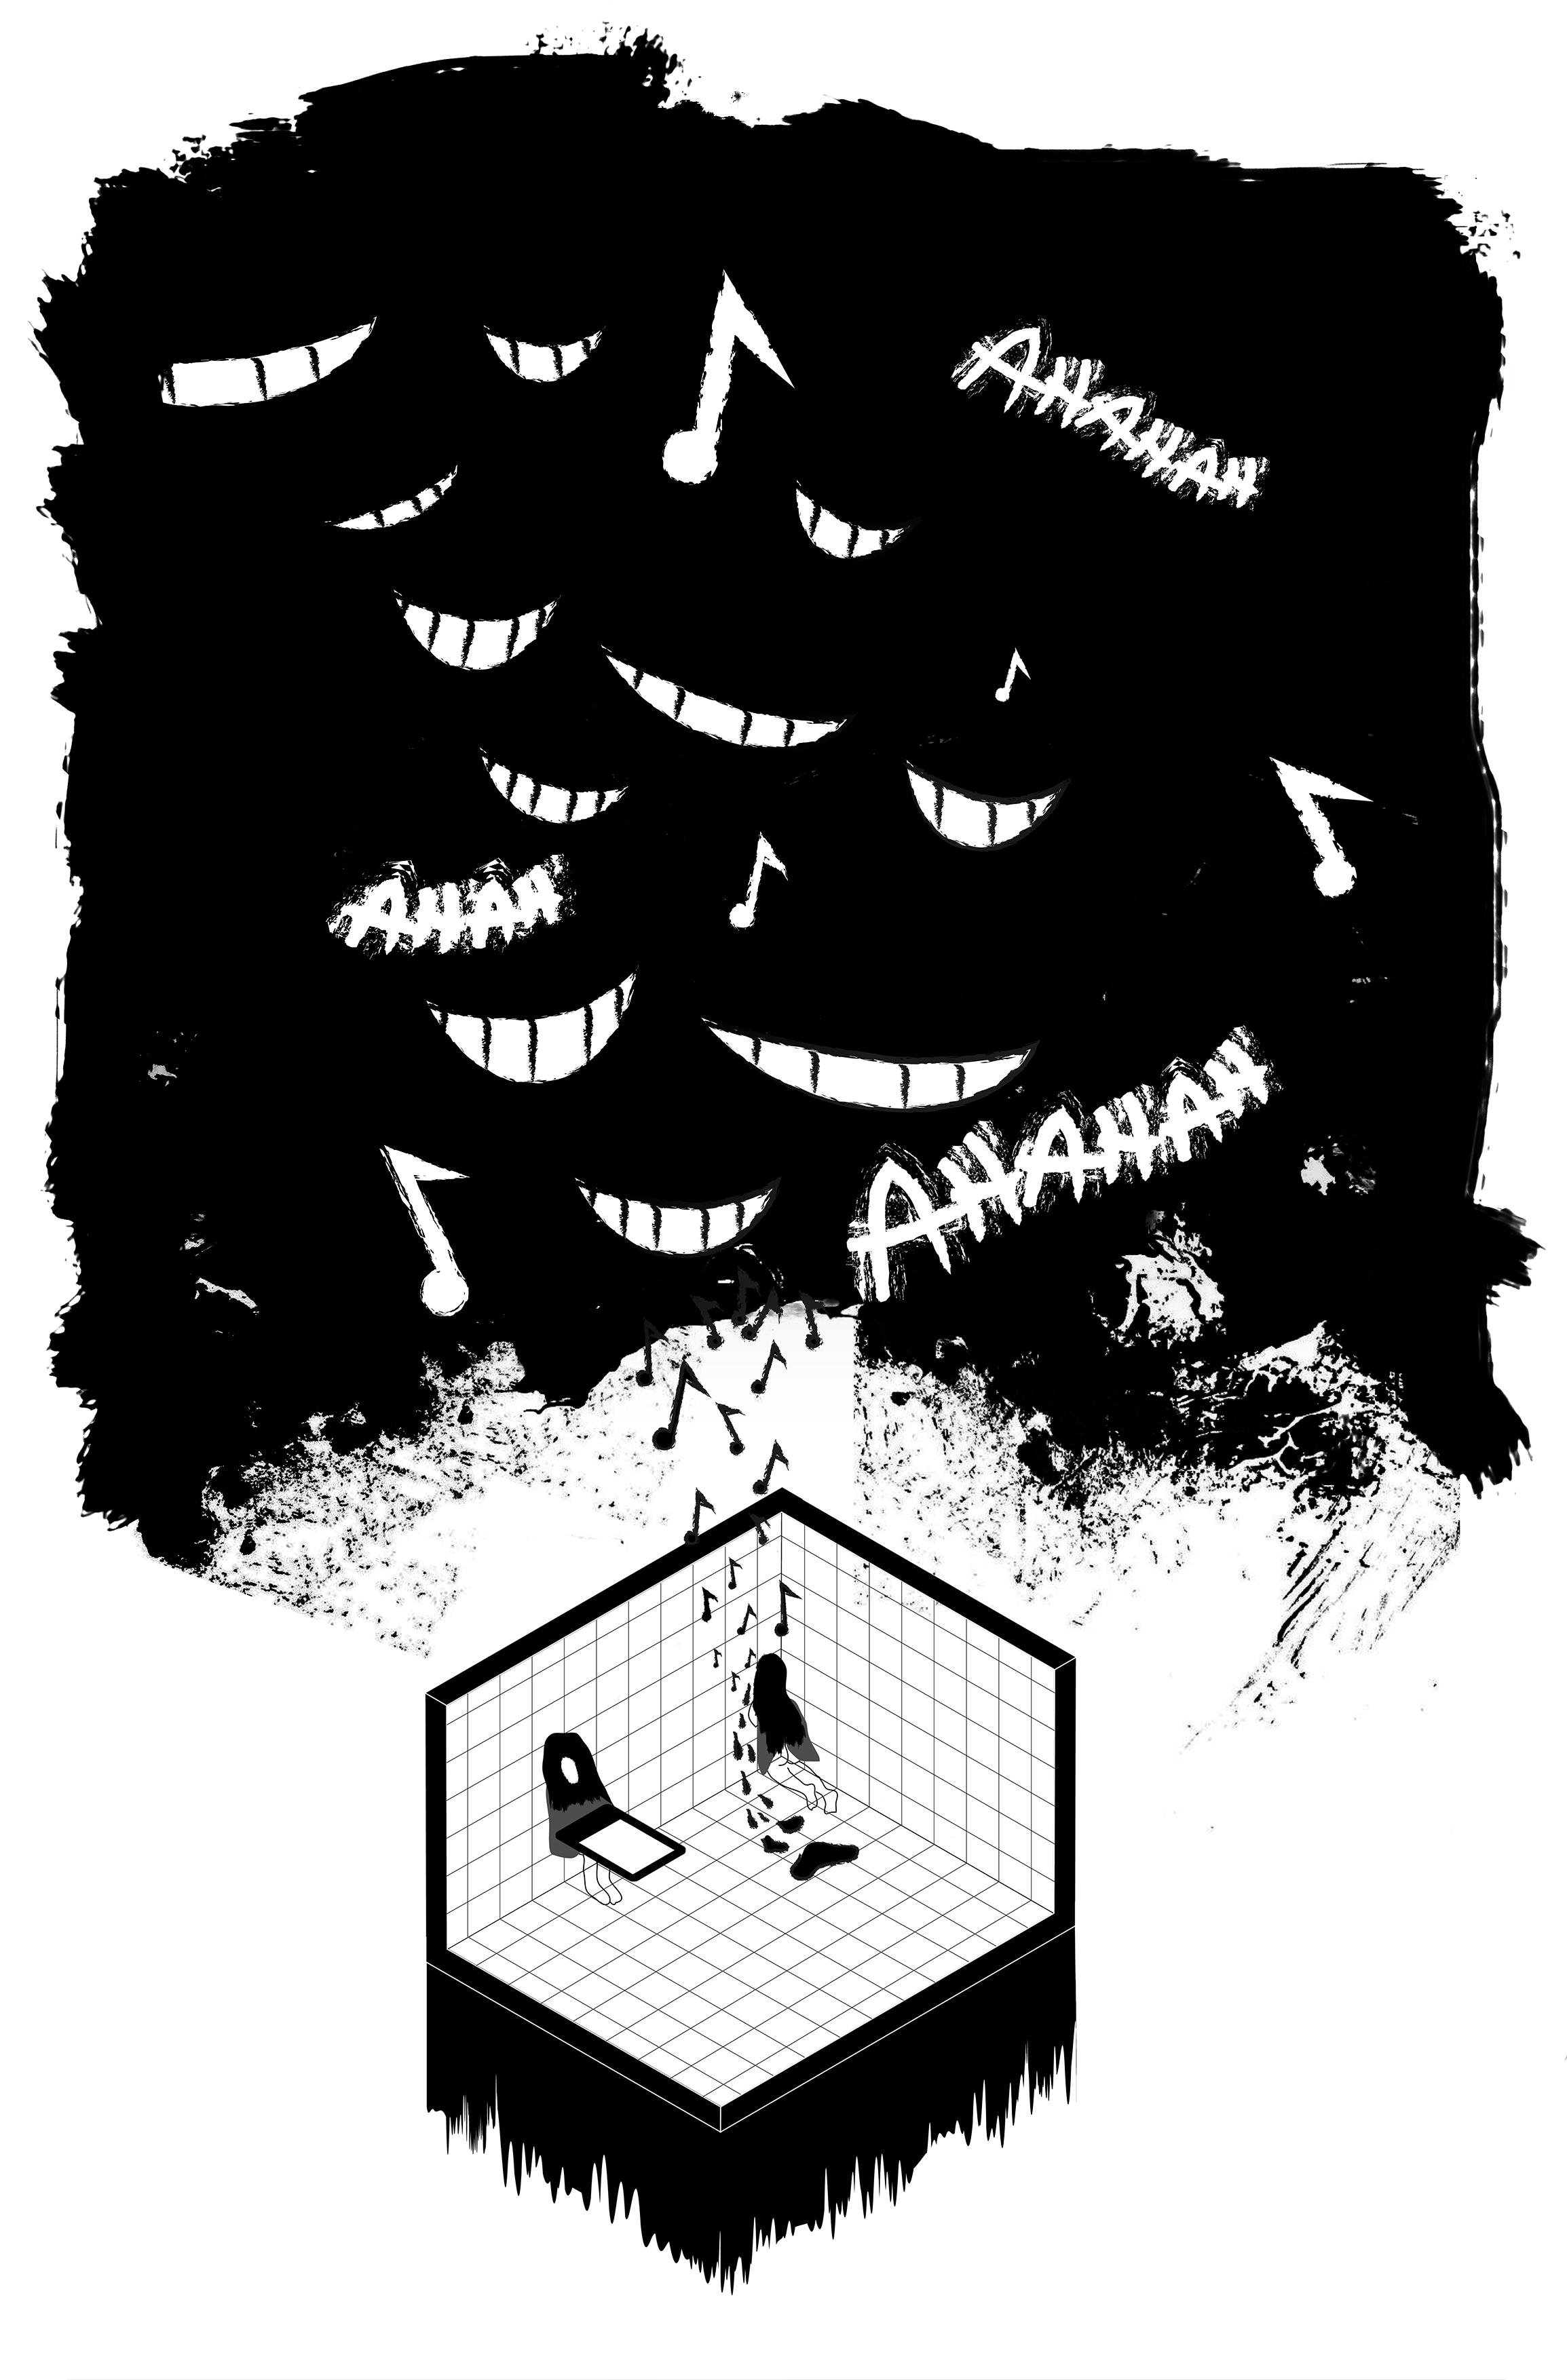 """Dessin en noir et blanc. En bas, au centre, une salle blanche entièrement carrelée à laquele il manque le toit et un mur, comme une pièce de maison de poupée. Dans cette salle blanche, dans le coin, une femme est allongée sur le ventre et à côté d'elle, une flaque noire. A coté de la flaque, des petits flaques qui deviennent petit à petit des notes de musique qui s'élèvent vers le haut. En haut du dessin, du noir. Un noir qui étouffe. Un noir dans lequel se dessinent, en blanc, des sourires menaçants et des notes de musiques blanches. On y lit """" HAHAHAHA"""" aussi. Et ces petites notes noires qui s'élèvent, elles rejoignent cette masse noire qui rit. EN dessous, la salle blanche """"coule"""" ou """"saigne"""", en noir."""